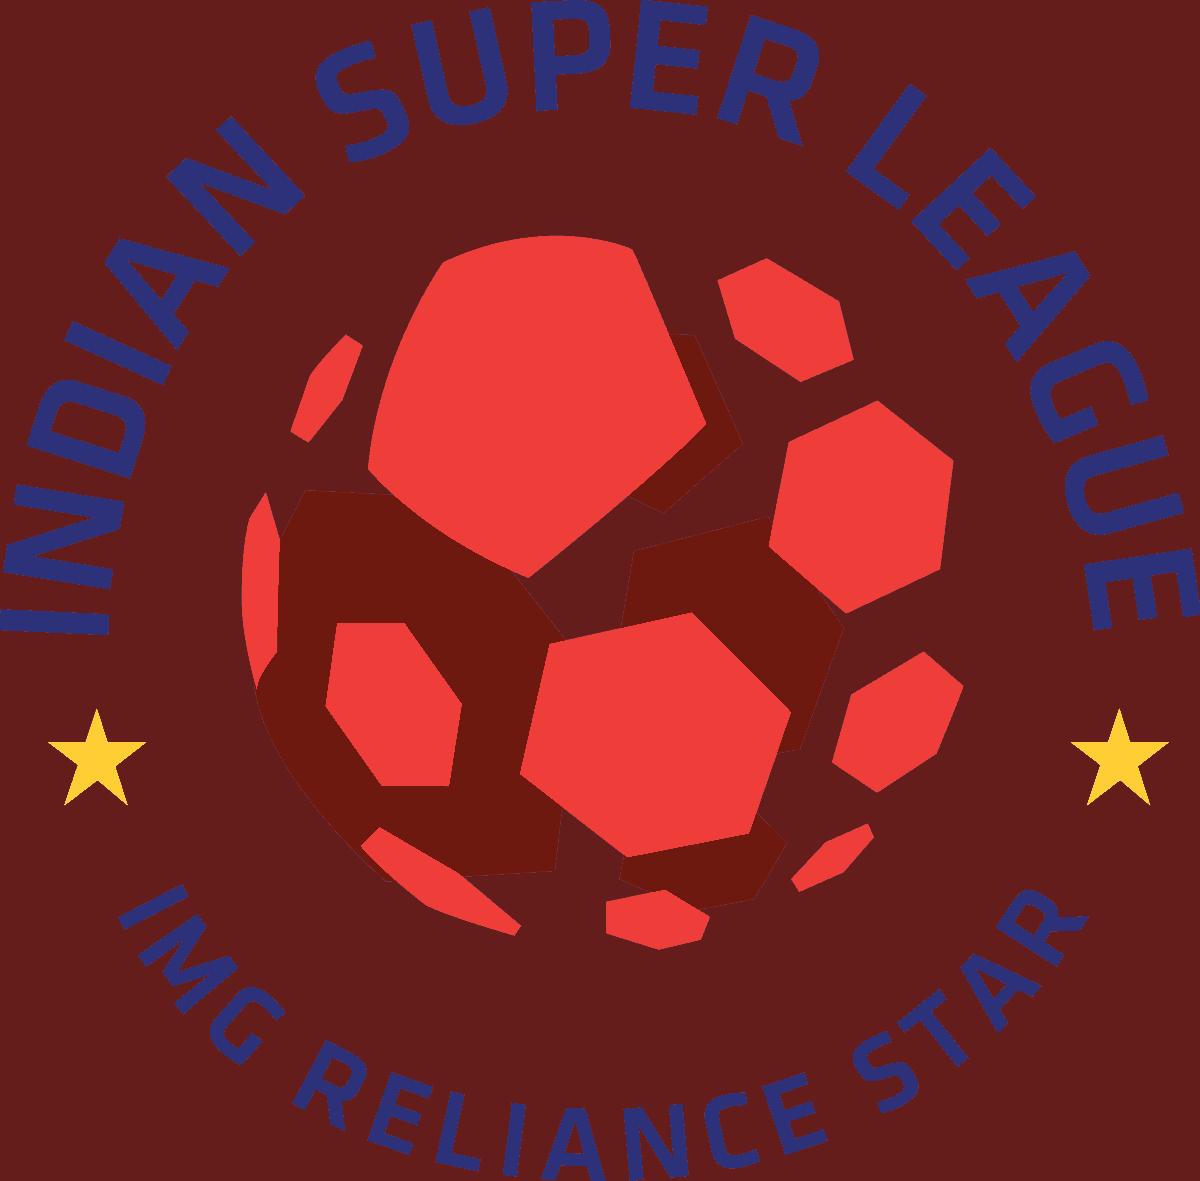 Indian super league will. Flood clipart flood chennai